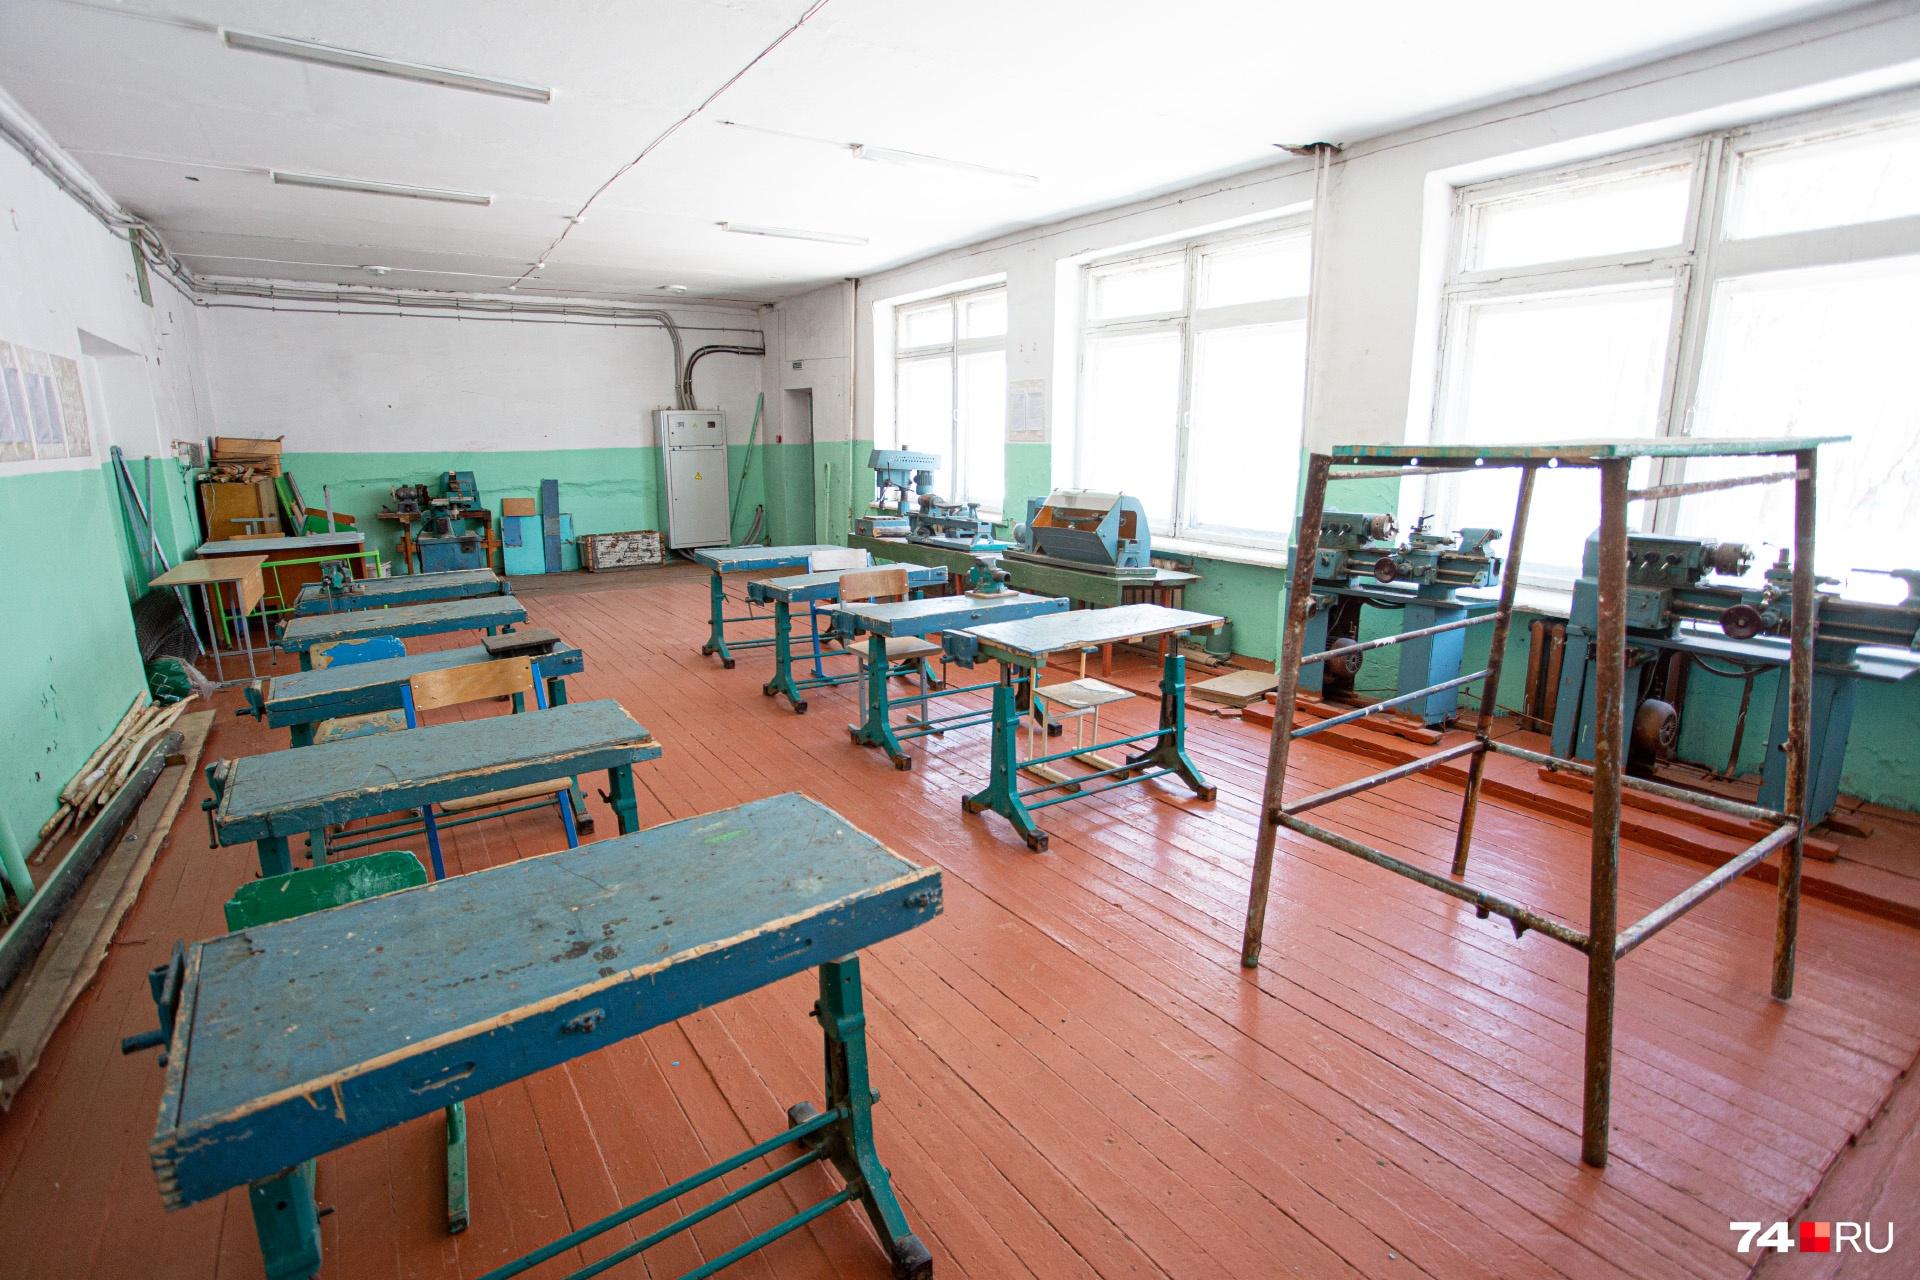 Станки для токарных работ и обработки дерева остались с советских времён